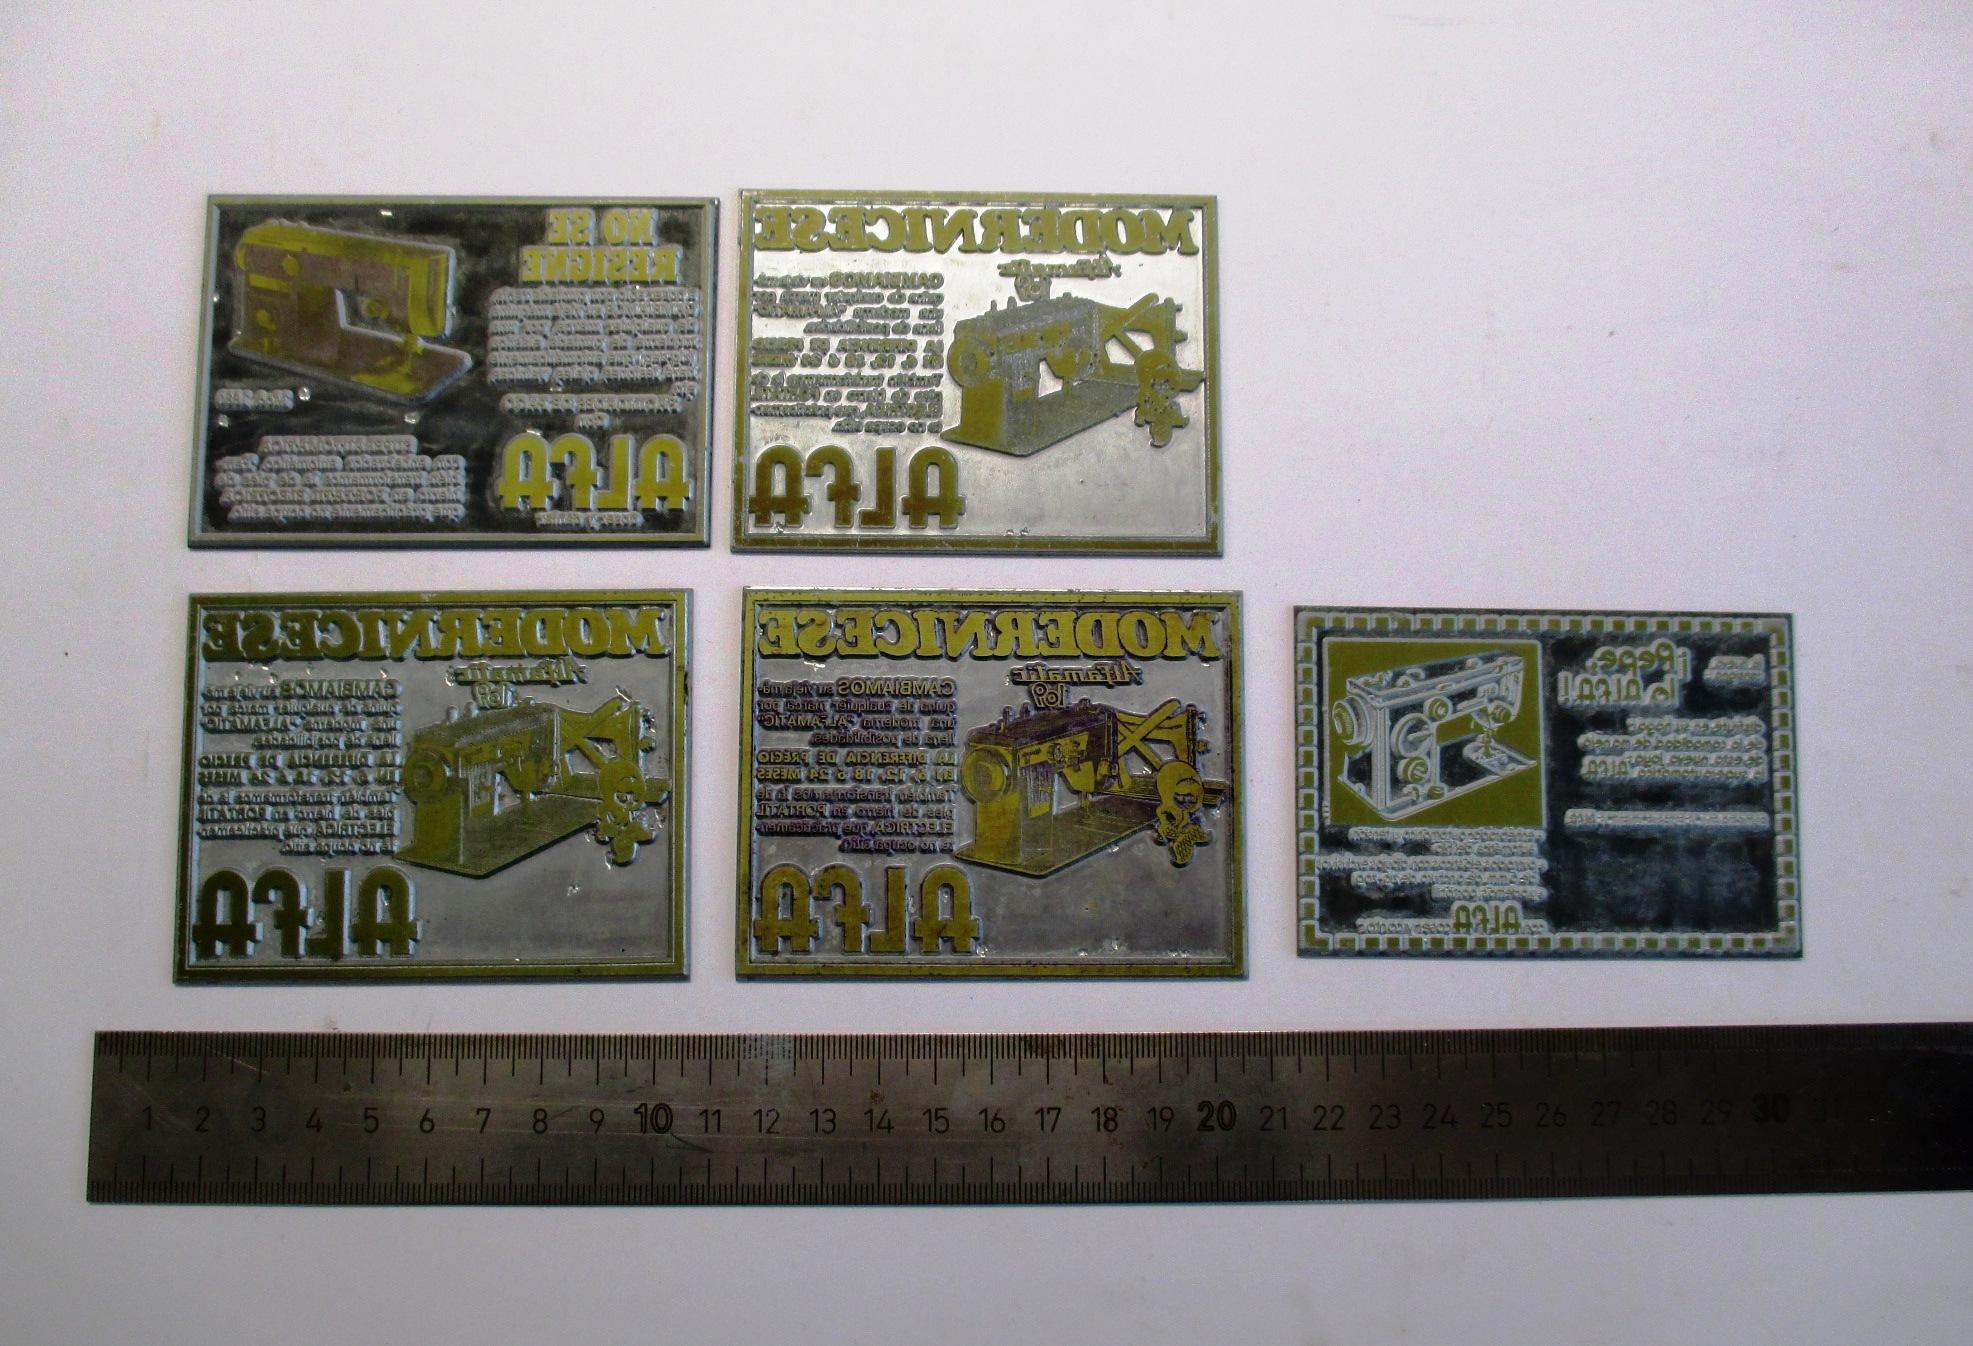 Conjunto de 5 placas metálicas para impresión.